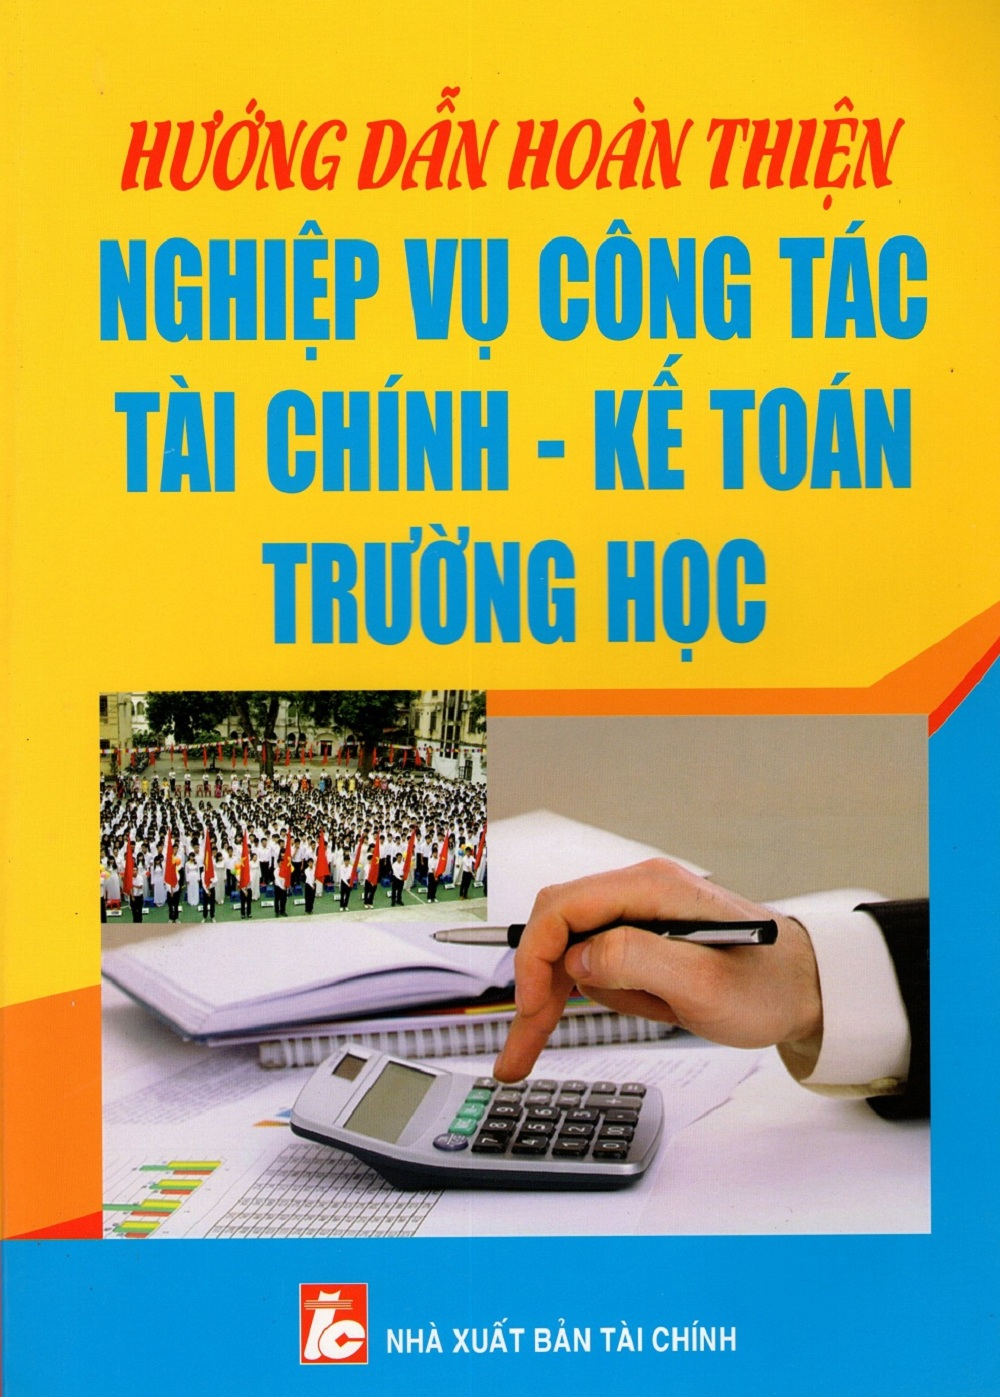 Hướng Dẫn Hoàn Thiện Nghiệp Vụ Công Tác Tài Chính - Kế Toán Trường Học - 2597783474121,62_1104670,335000,tiki.vn,Huong-Dan-Hoan-Thien-Nghiep-Vu-Cong-Tac-Tai-Chinh-Ke-Toan-Truong-Hoc-62_1104670,Hướng Dẫn Hoàn Thiện Nghiệp Vụ Công Tác Tài Chính - Kế Toán Trường Học